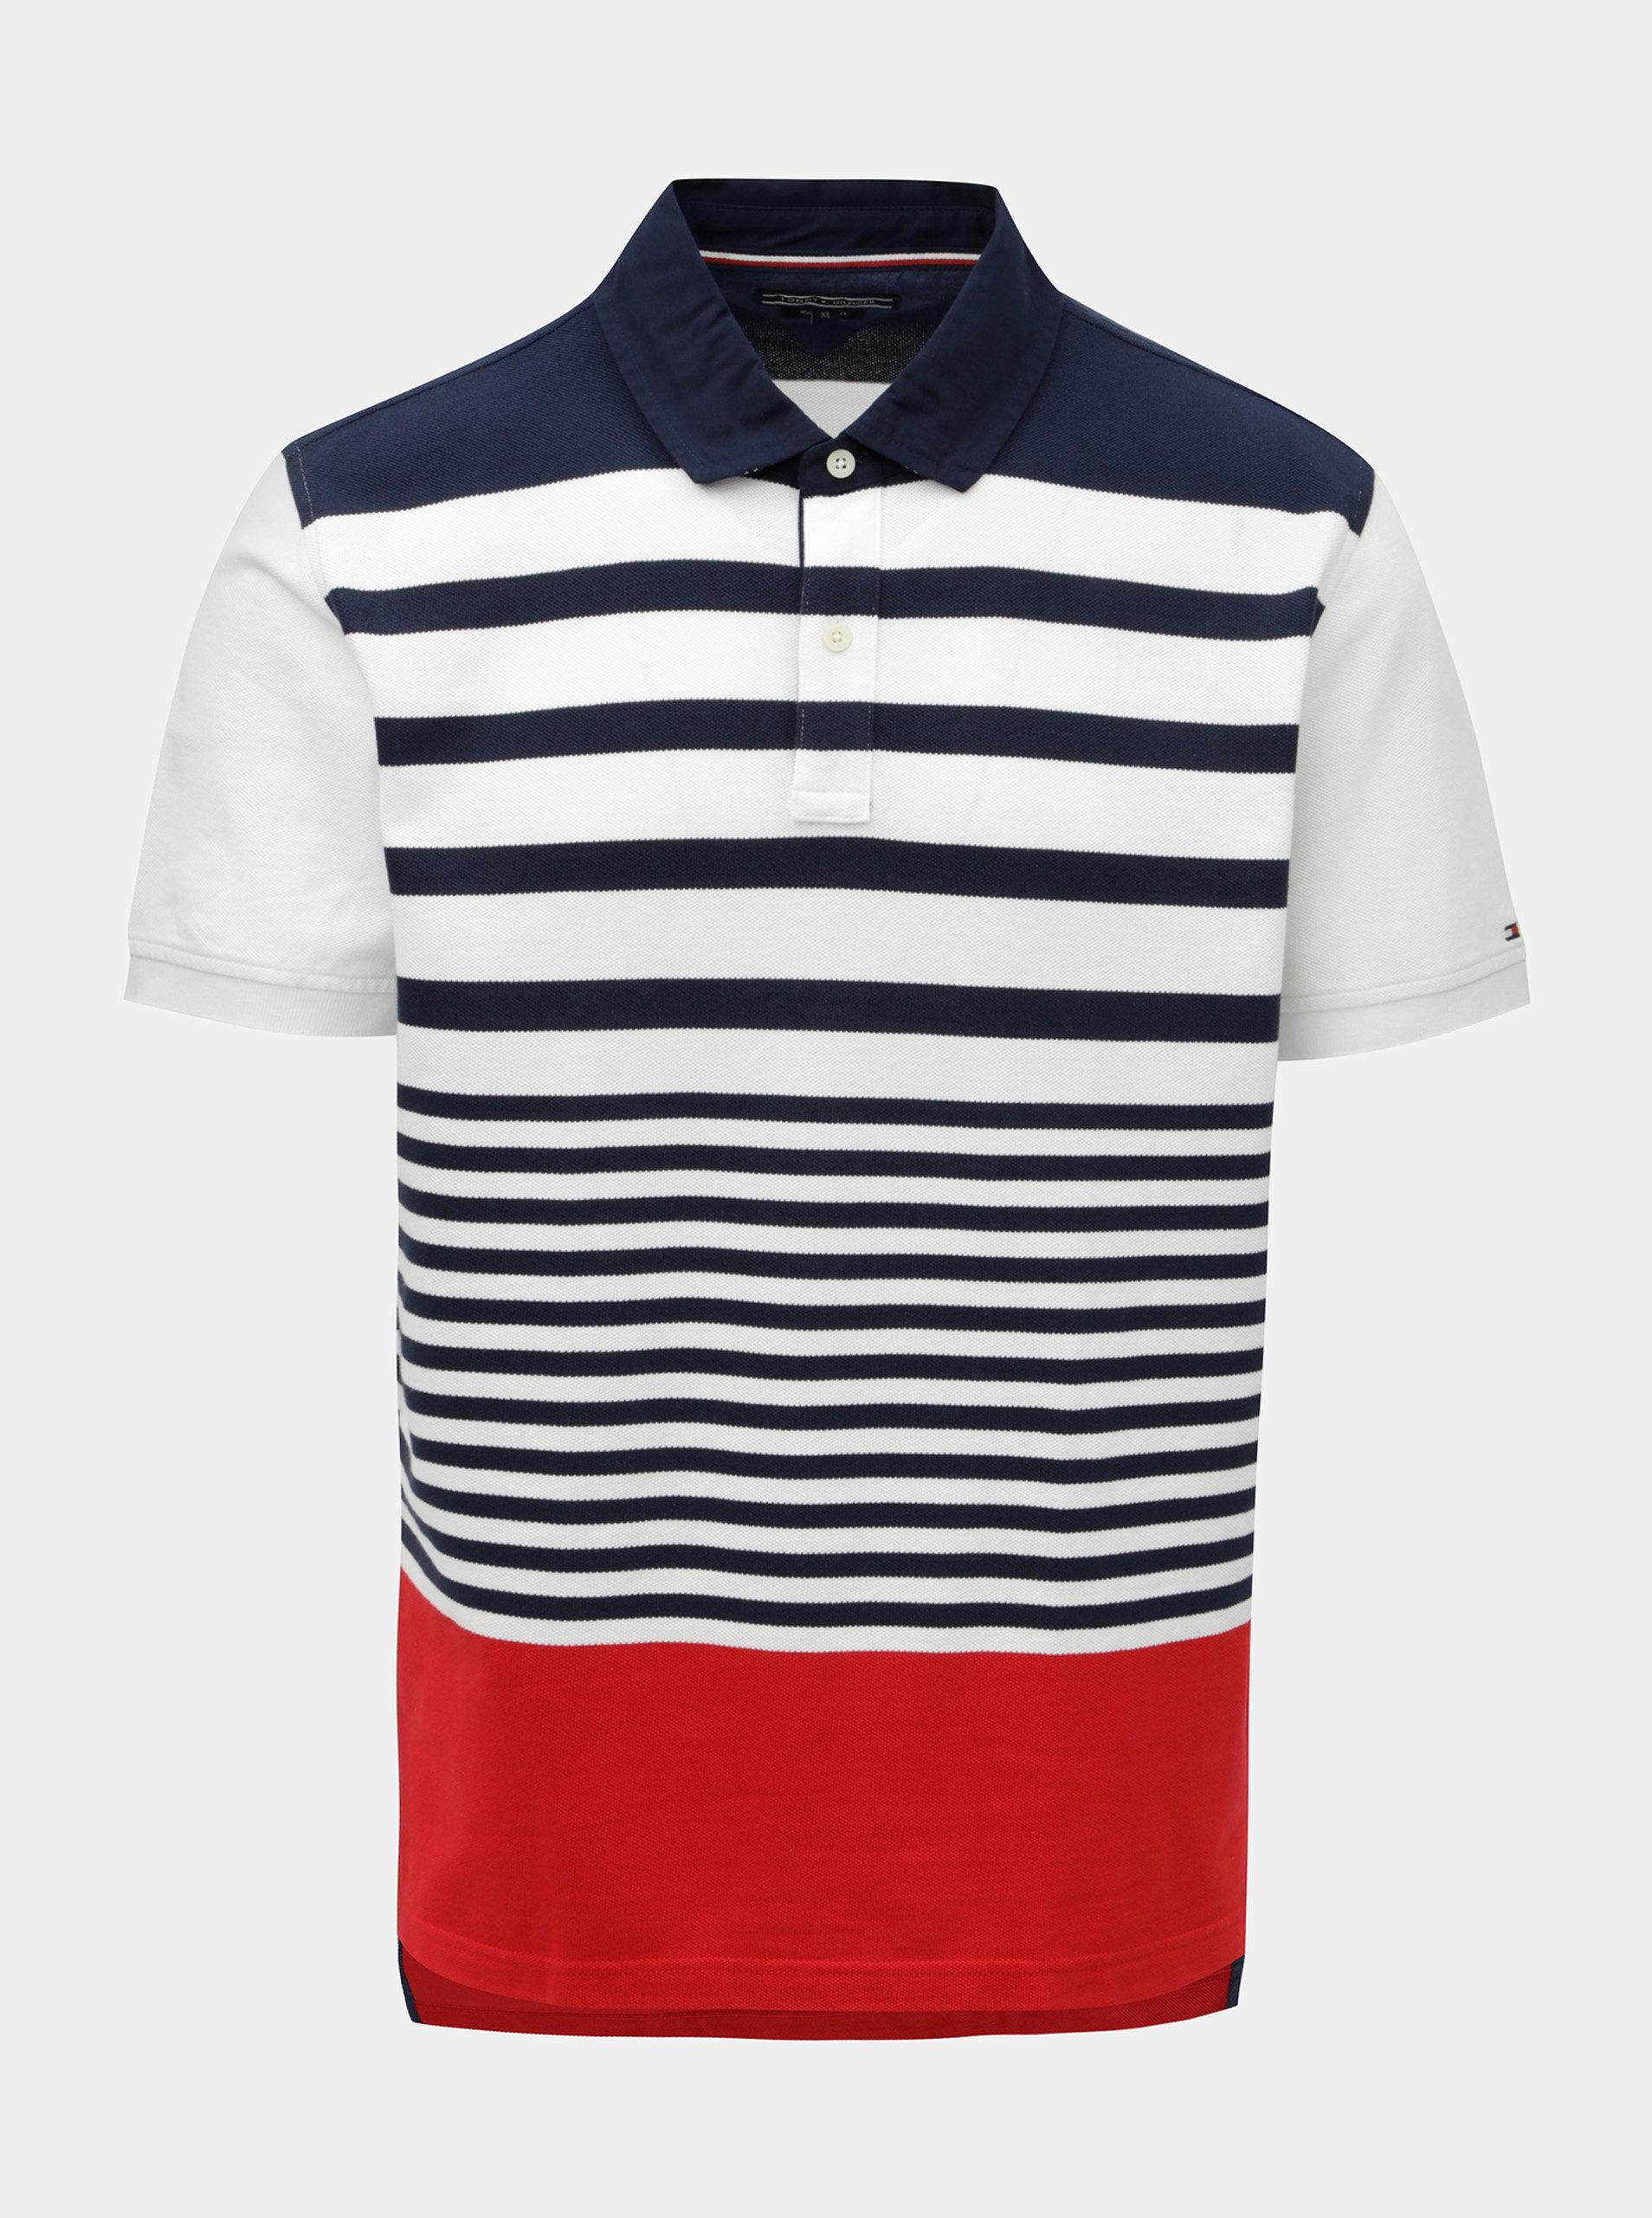 Bílo-modré pánské pruhované regular fit polo tričko Tommy Hilfiger ... cf613b19c3a